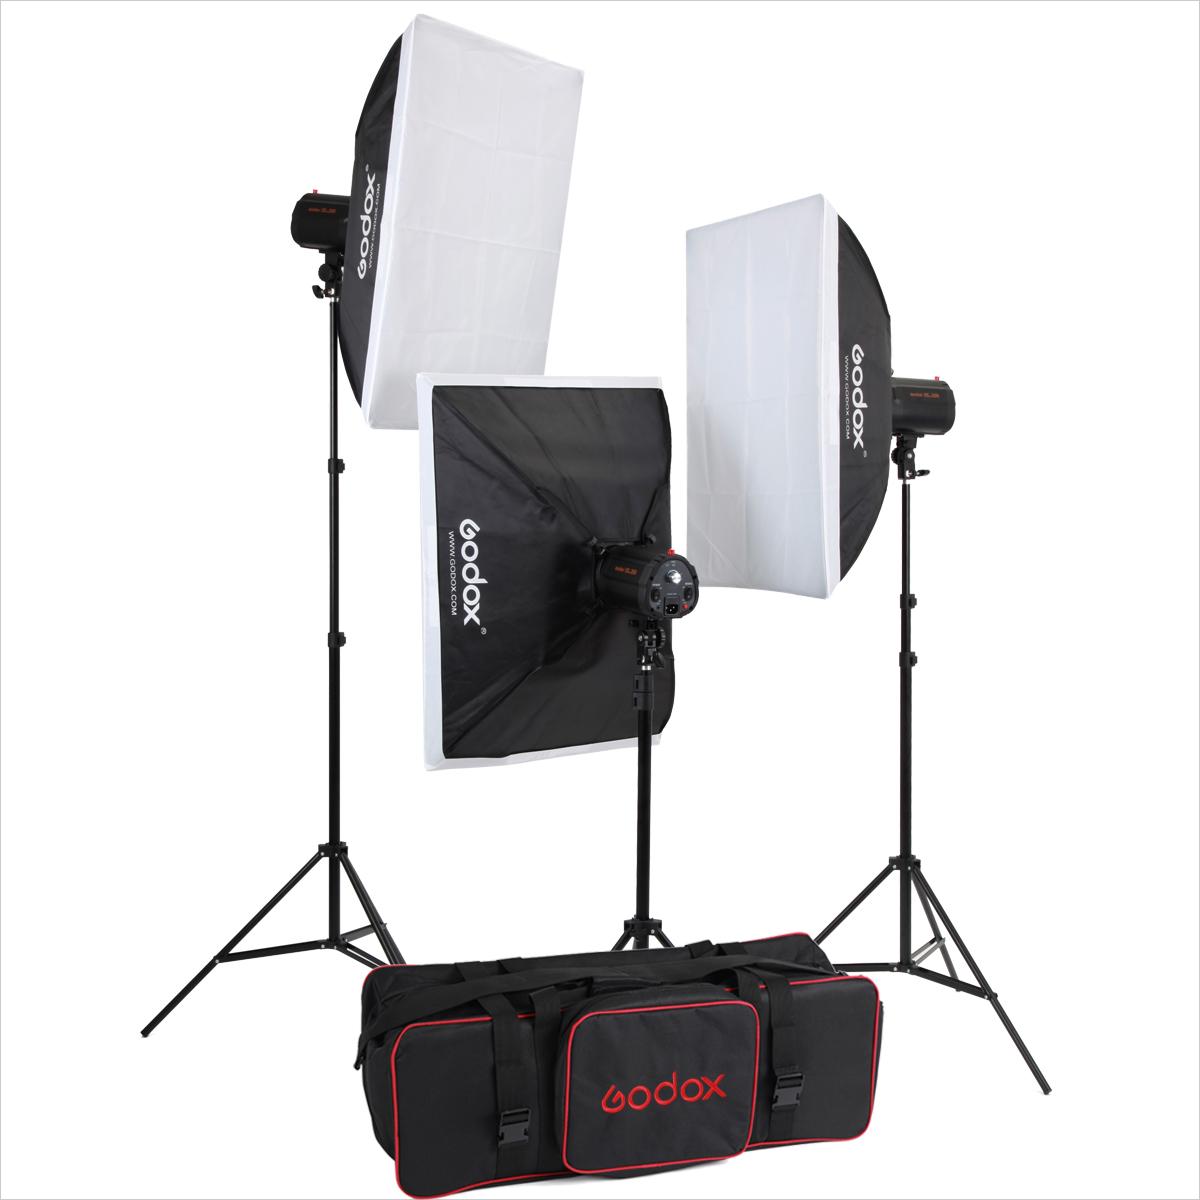 神牛250w闪光灯摄影灯摄影器材3摄影棚服装拍照柔光箱套装商品图片